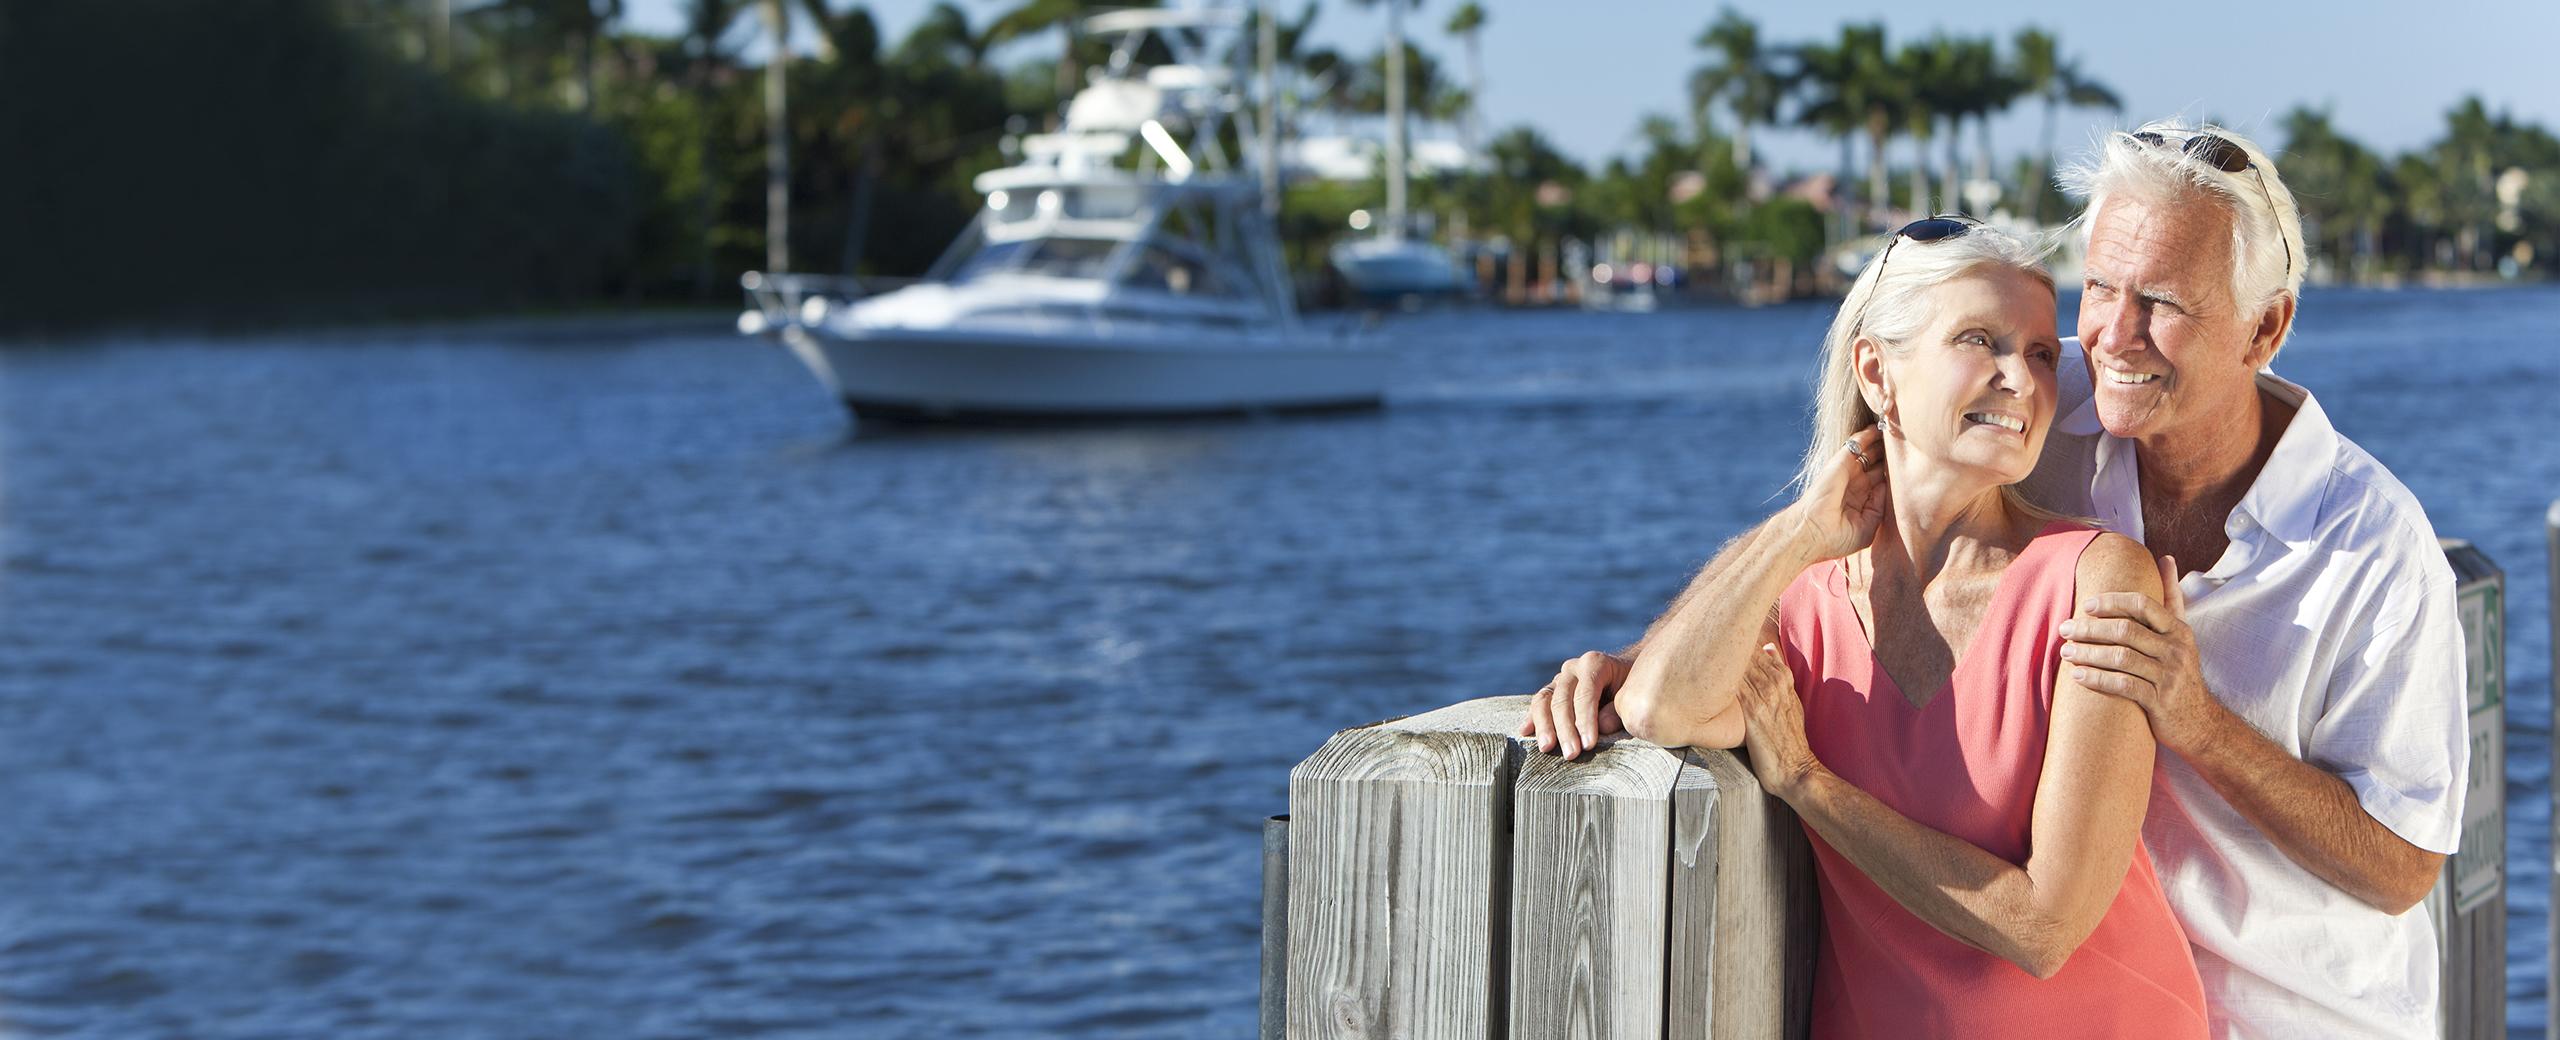 elderly couple on water